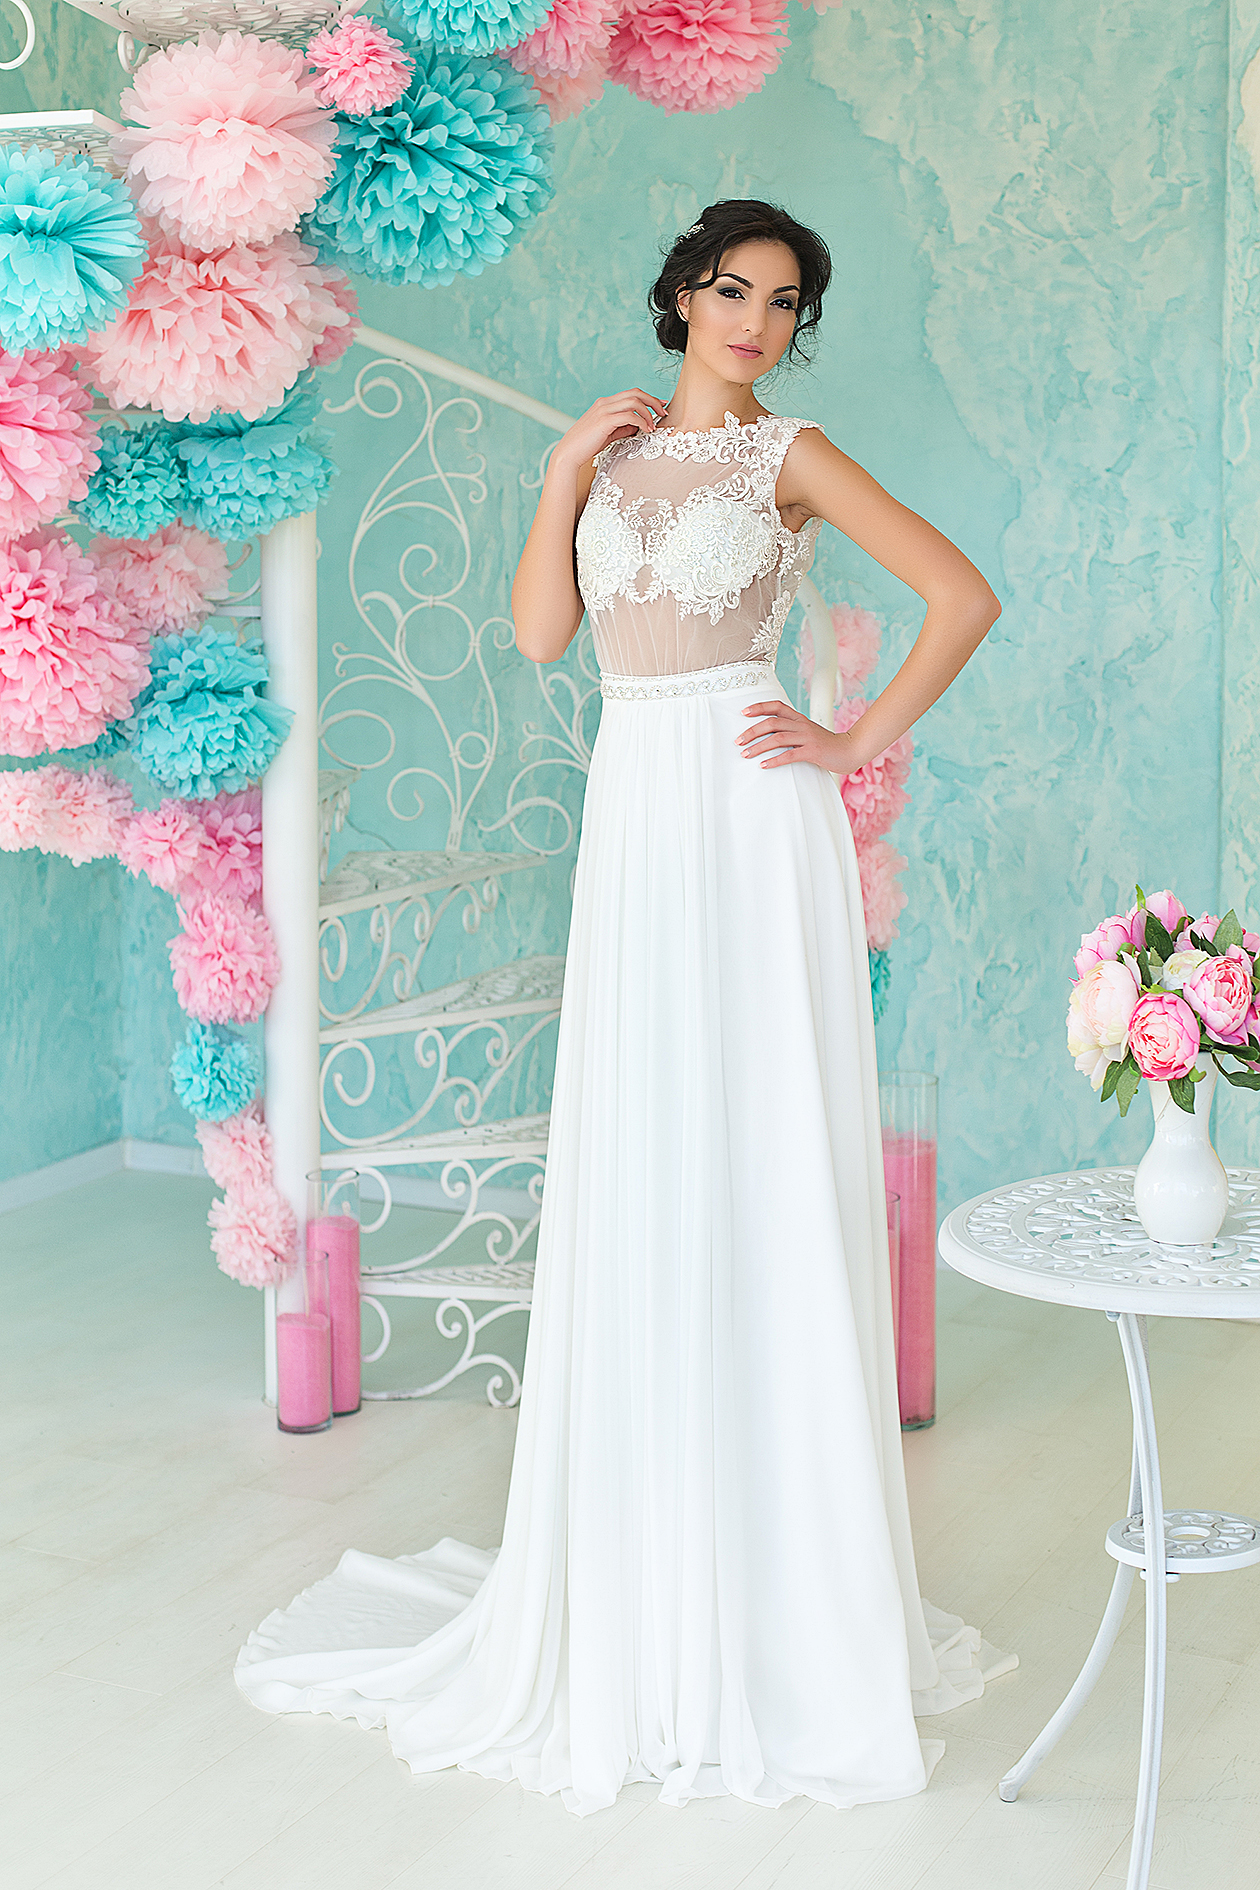 Суеверия про свадебное платье